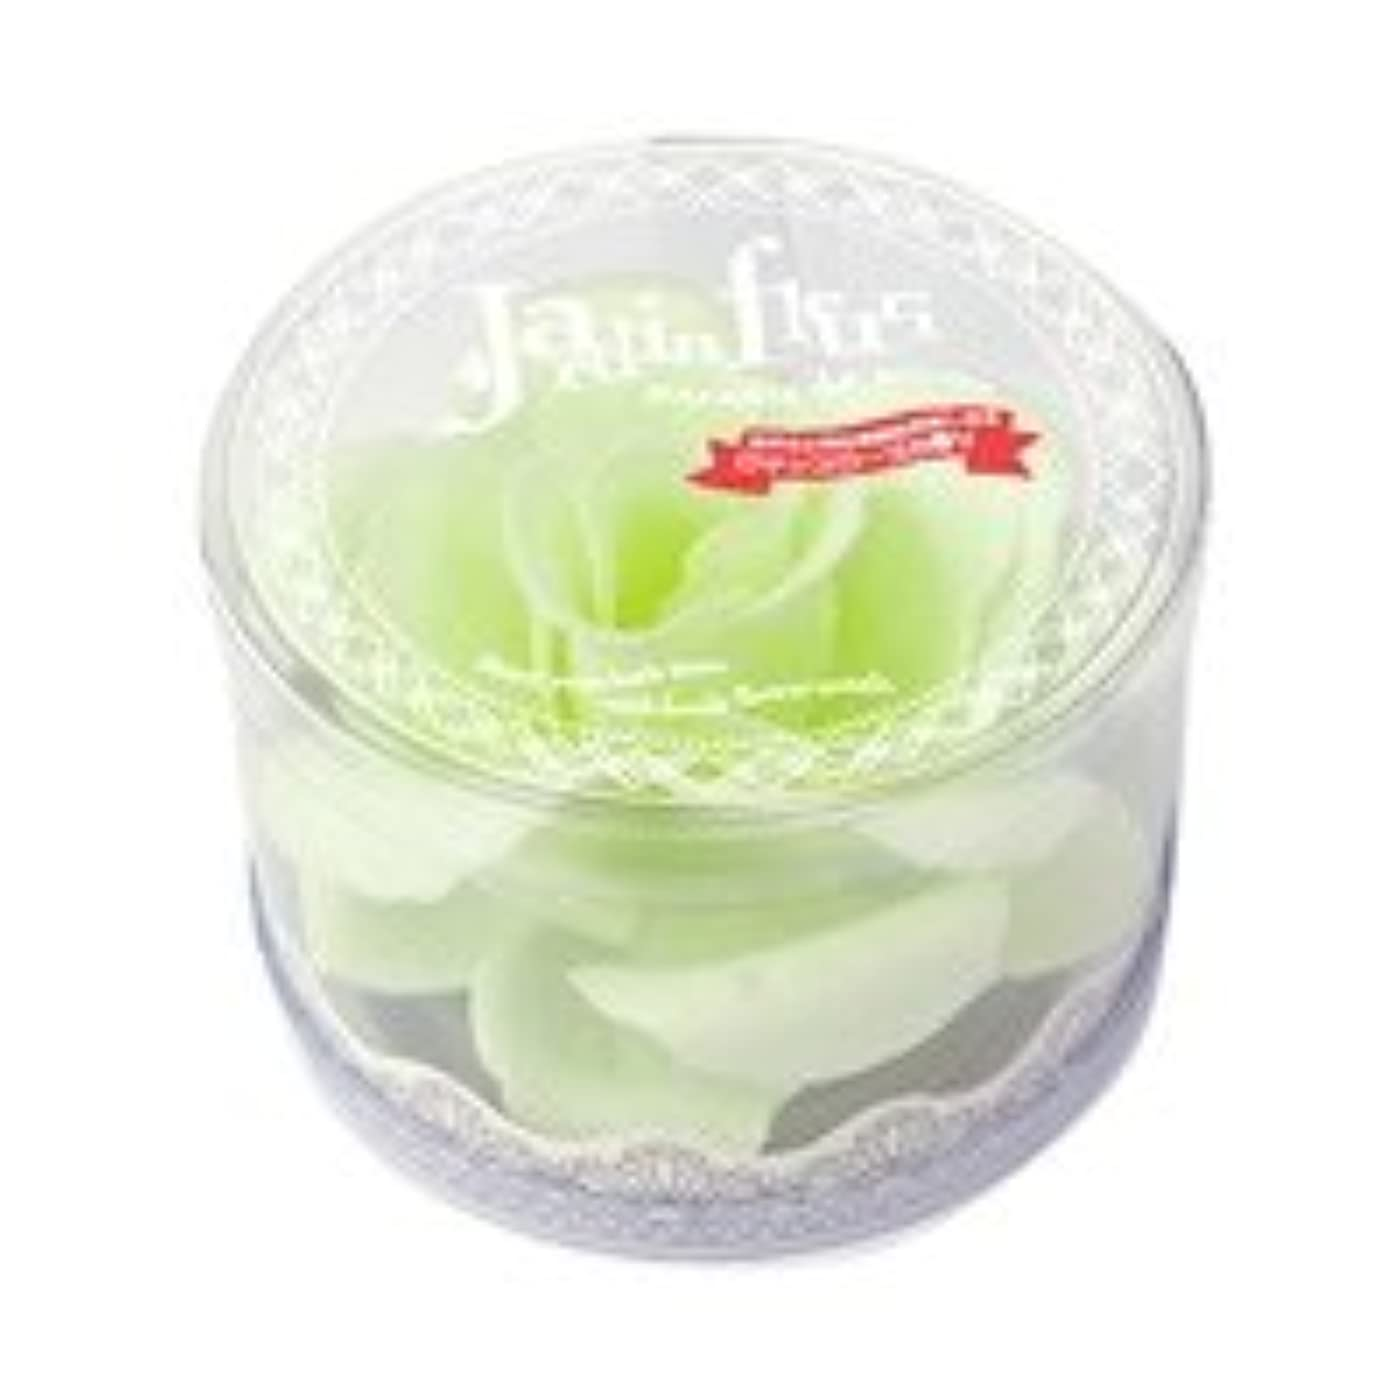 ジョイント征服者長老ジャンダンフルリ バスペタル ボックス「ペール グリーン」6個セット ロマンスローズの香り